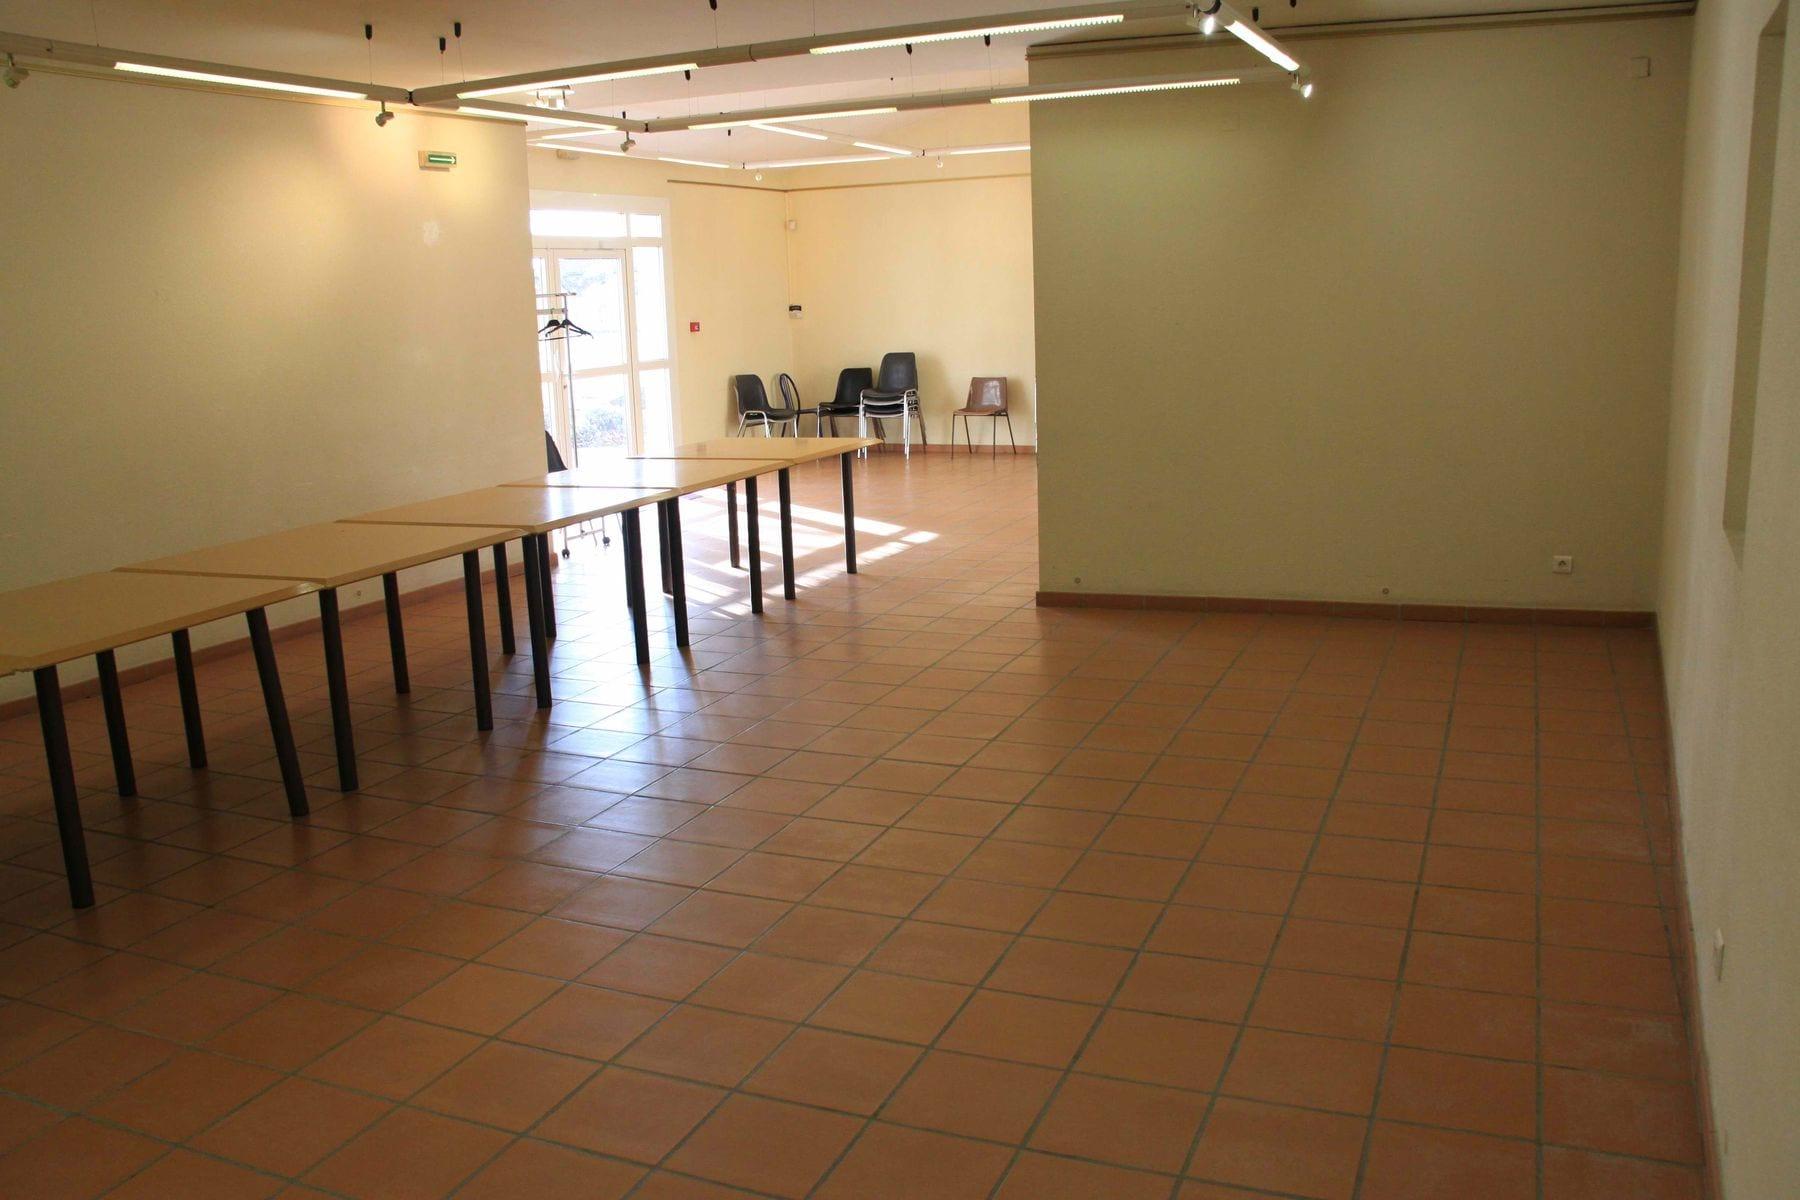 Intérieur de la salle (2)